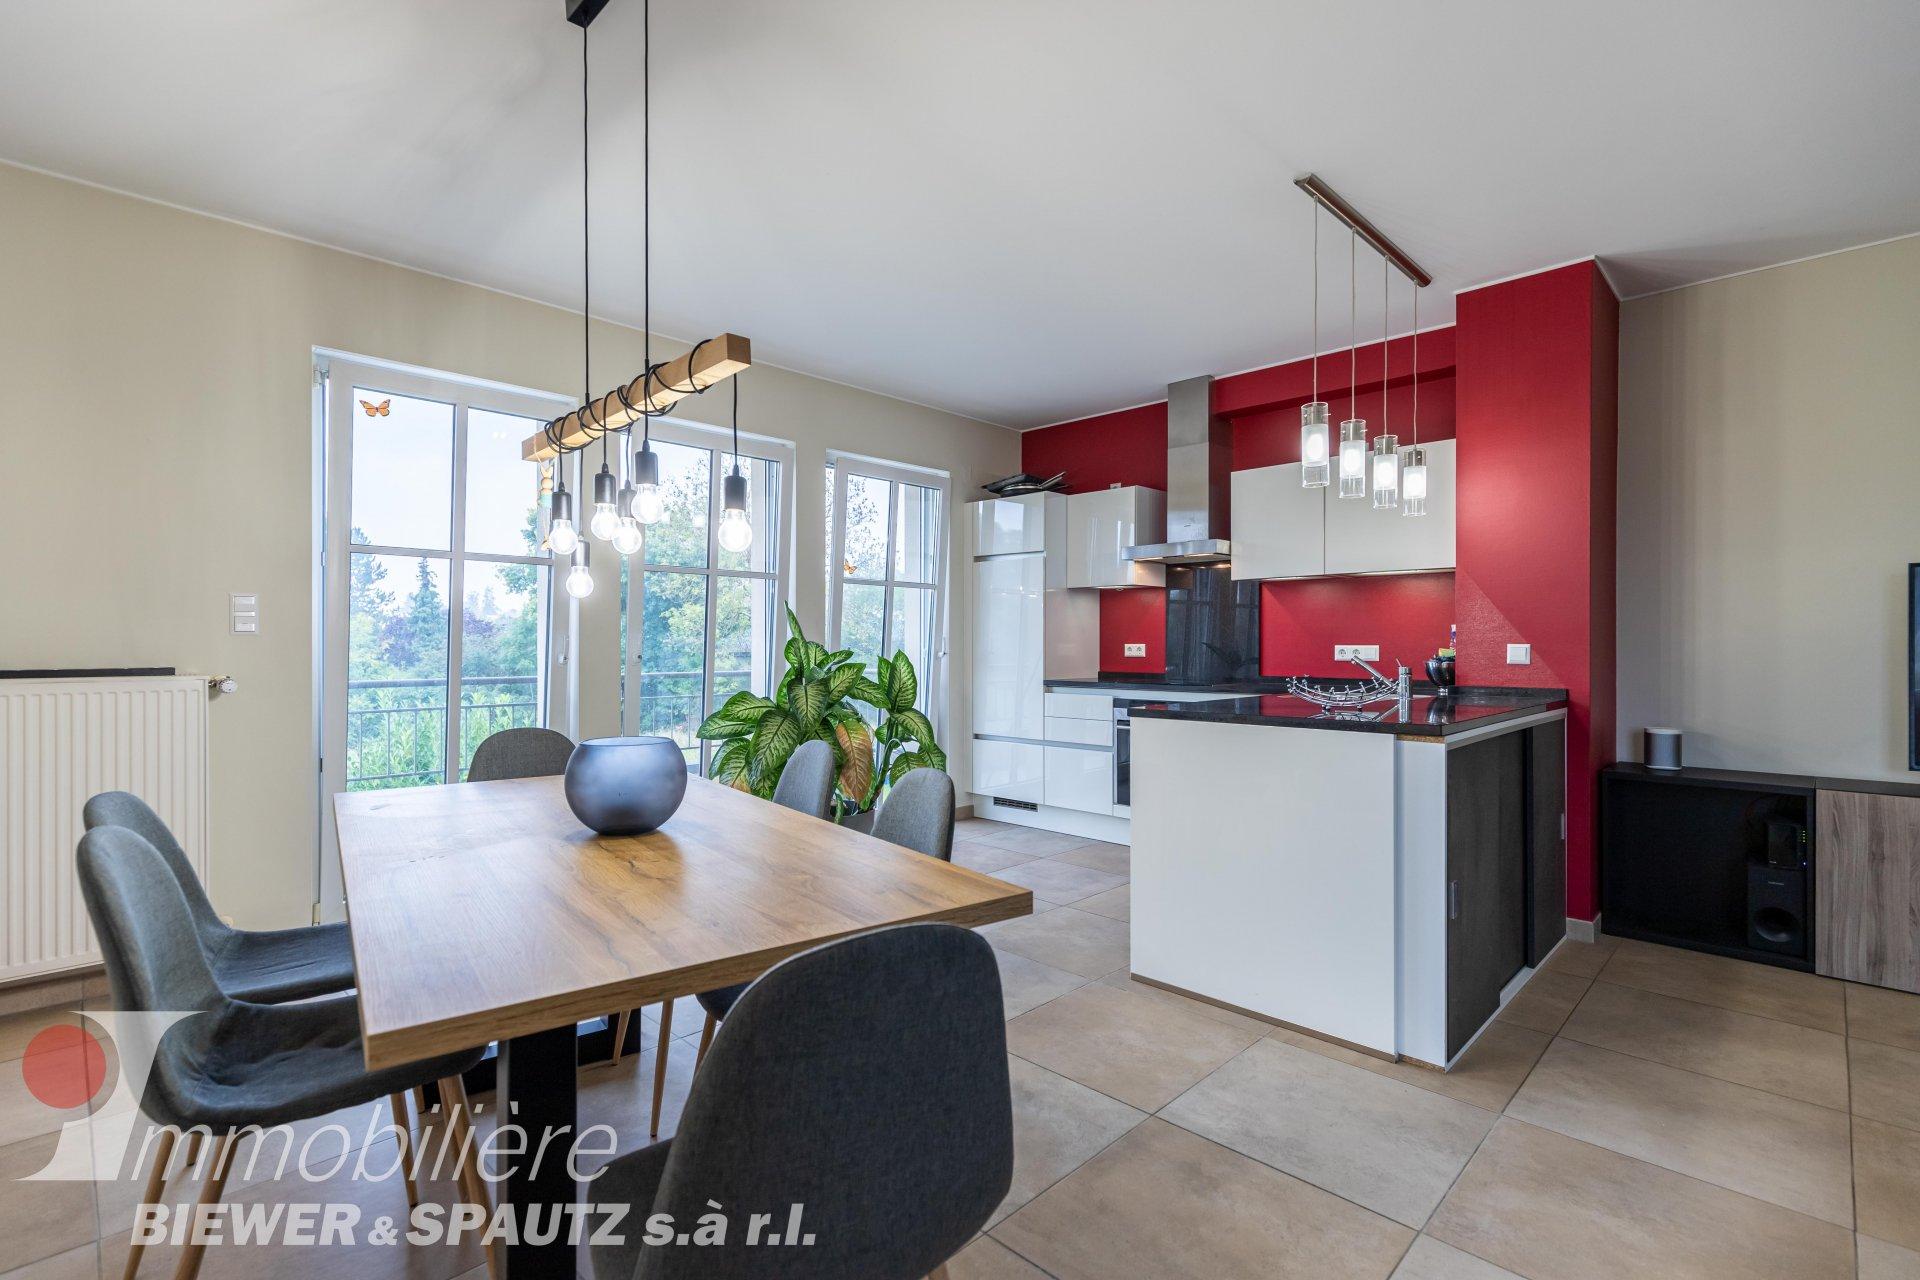 ZU VERMIETEN - Wohnung mit 2 Schlafzimmer in Junglinster